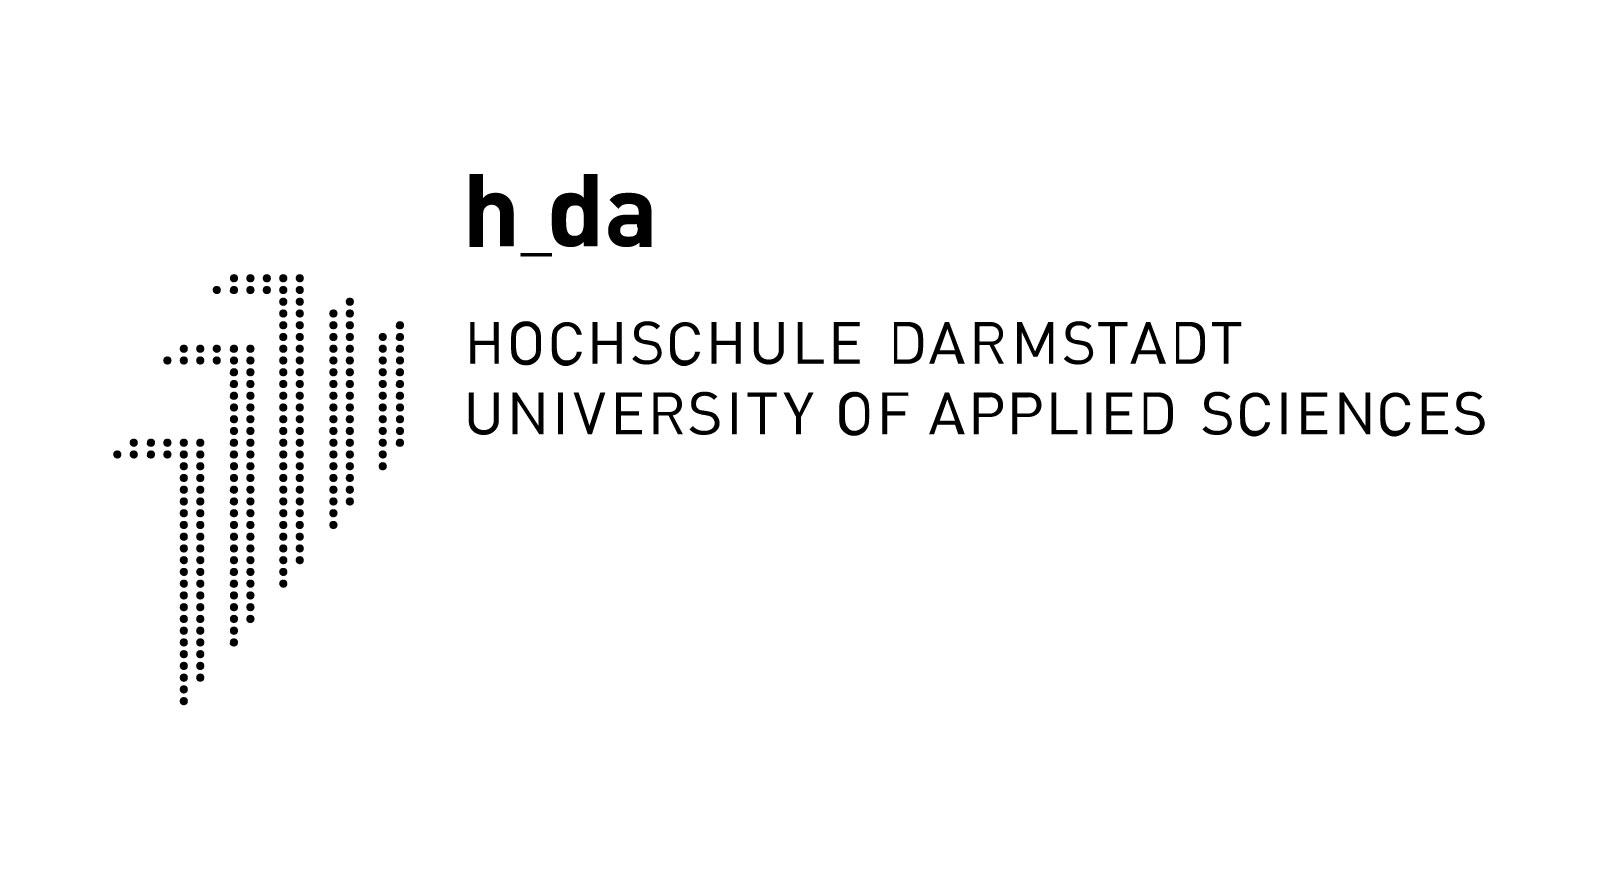 Logo h da